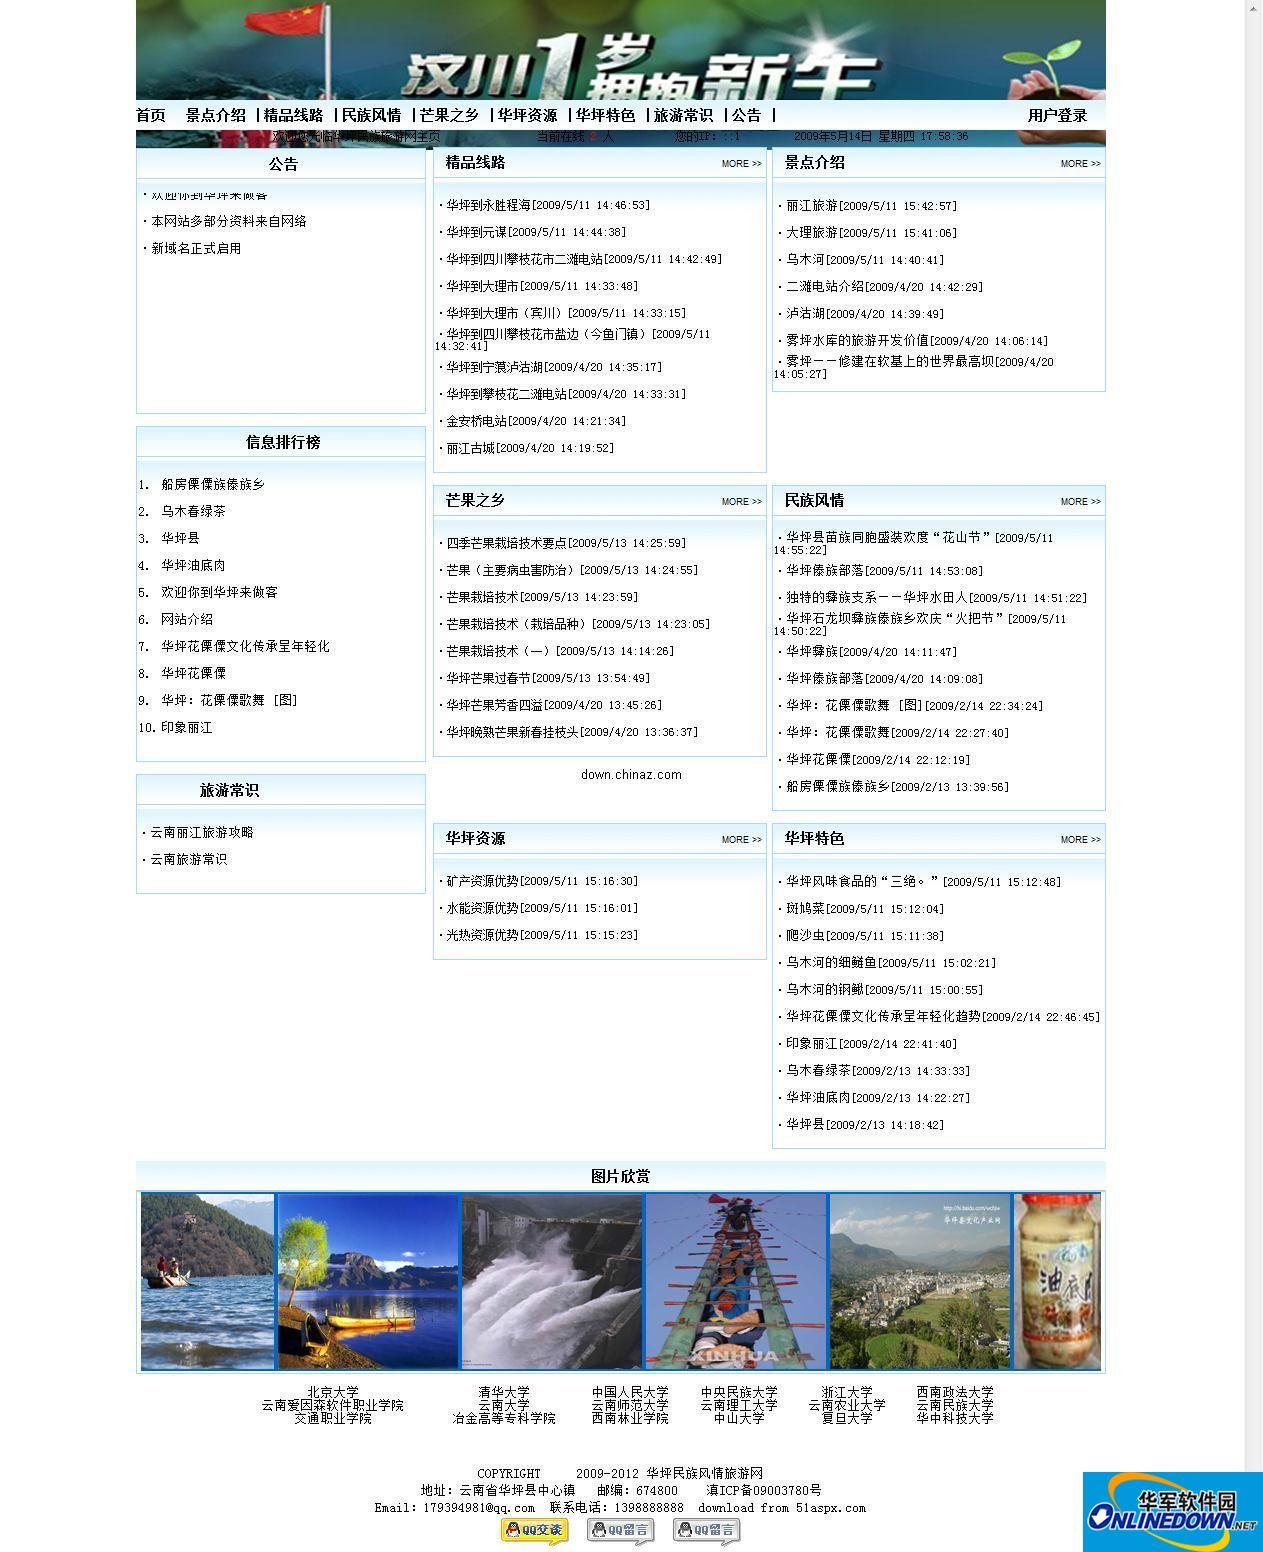 华坪民族旅游网站asp.net源码 PC版